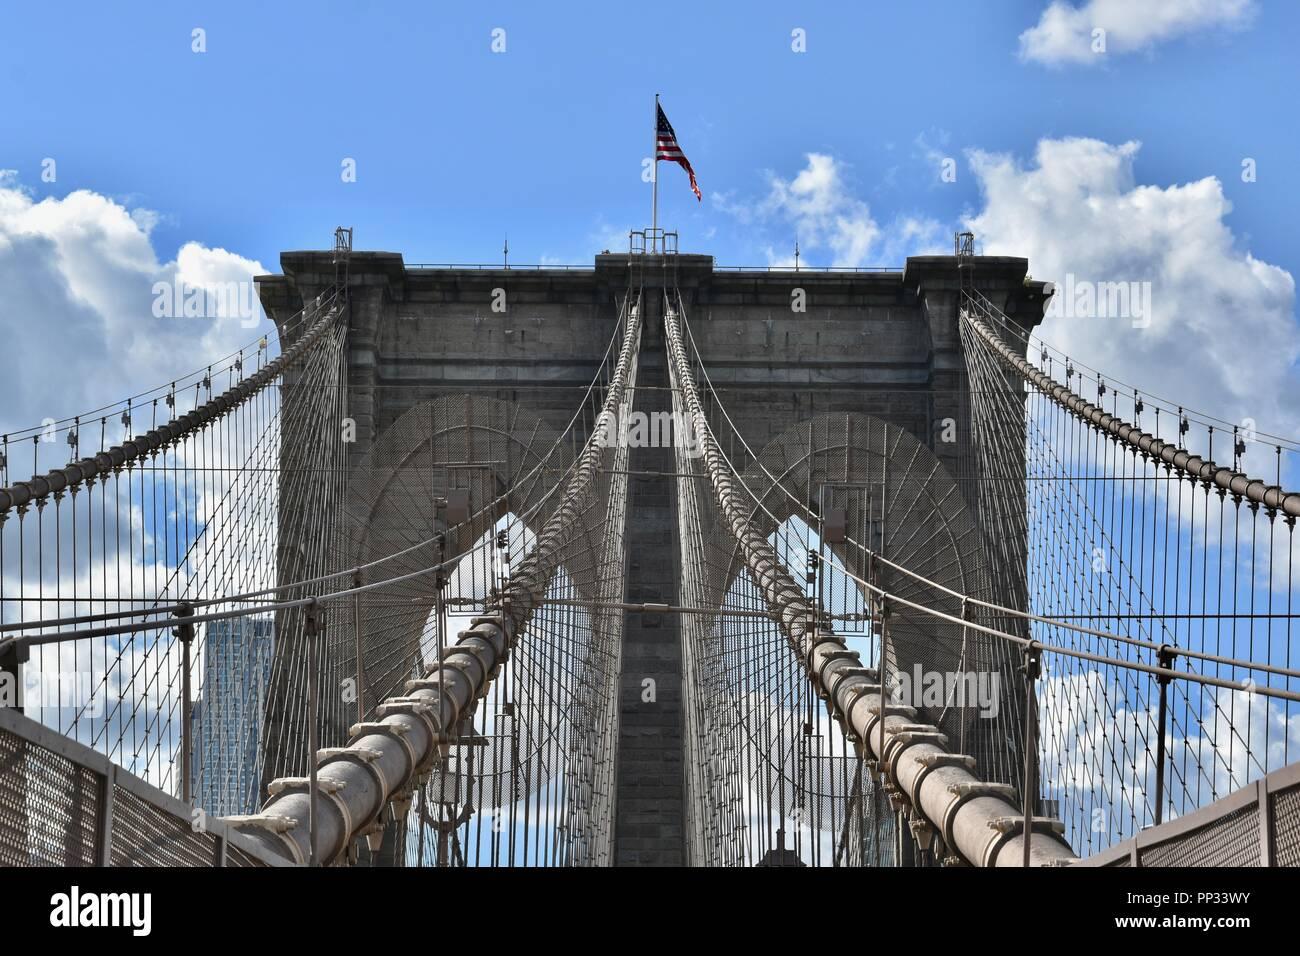 Die ikonischen Brooklyn Brücke über den East River zwischen Manhattan und Brooklyn, New York City, USA Stockfoto